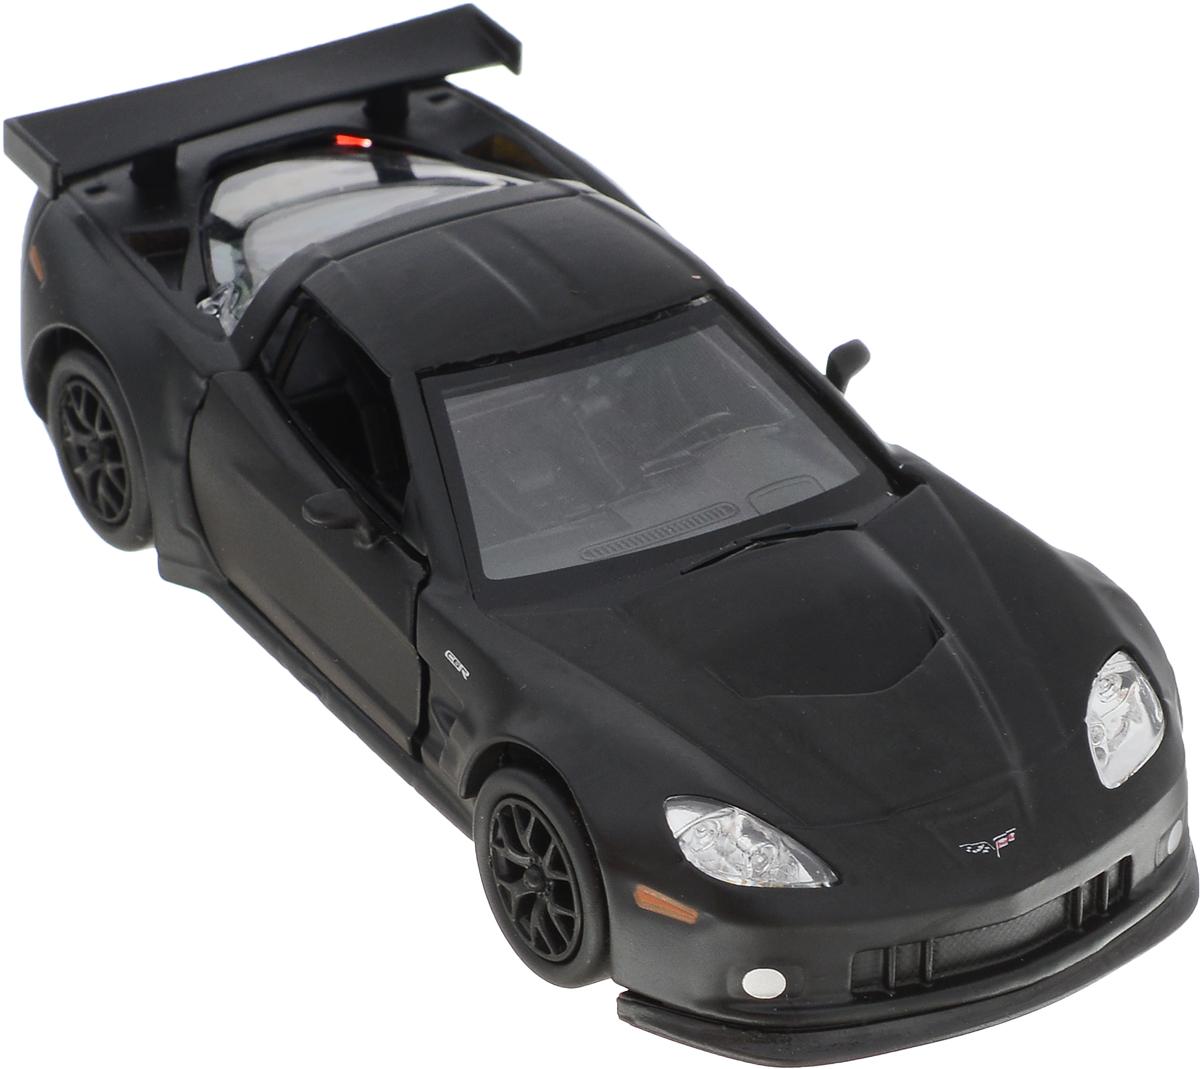 Autotime Модель автомобиля Chevrolet Corvette C6-R цвет черный motormax модель автомобиля corvette 1967 цвет черный